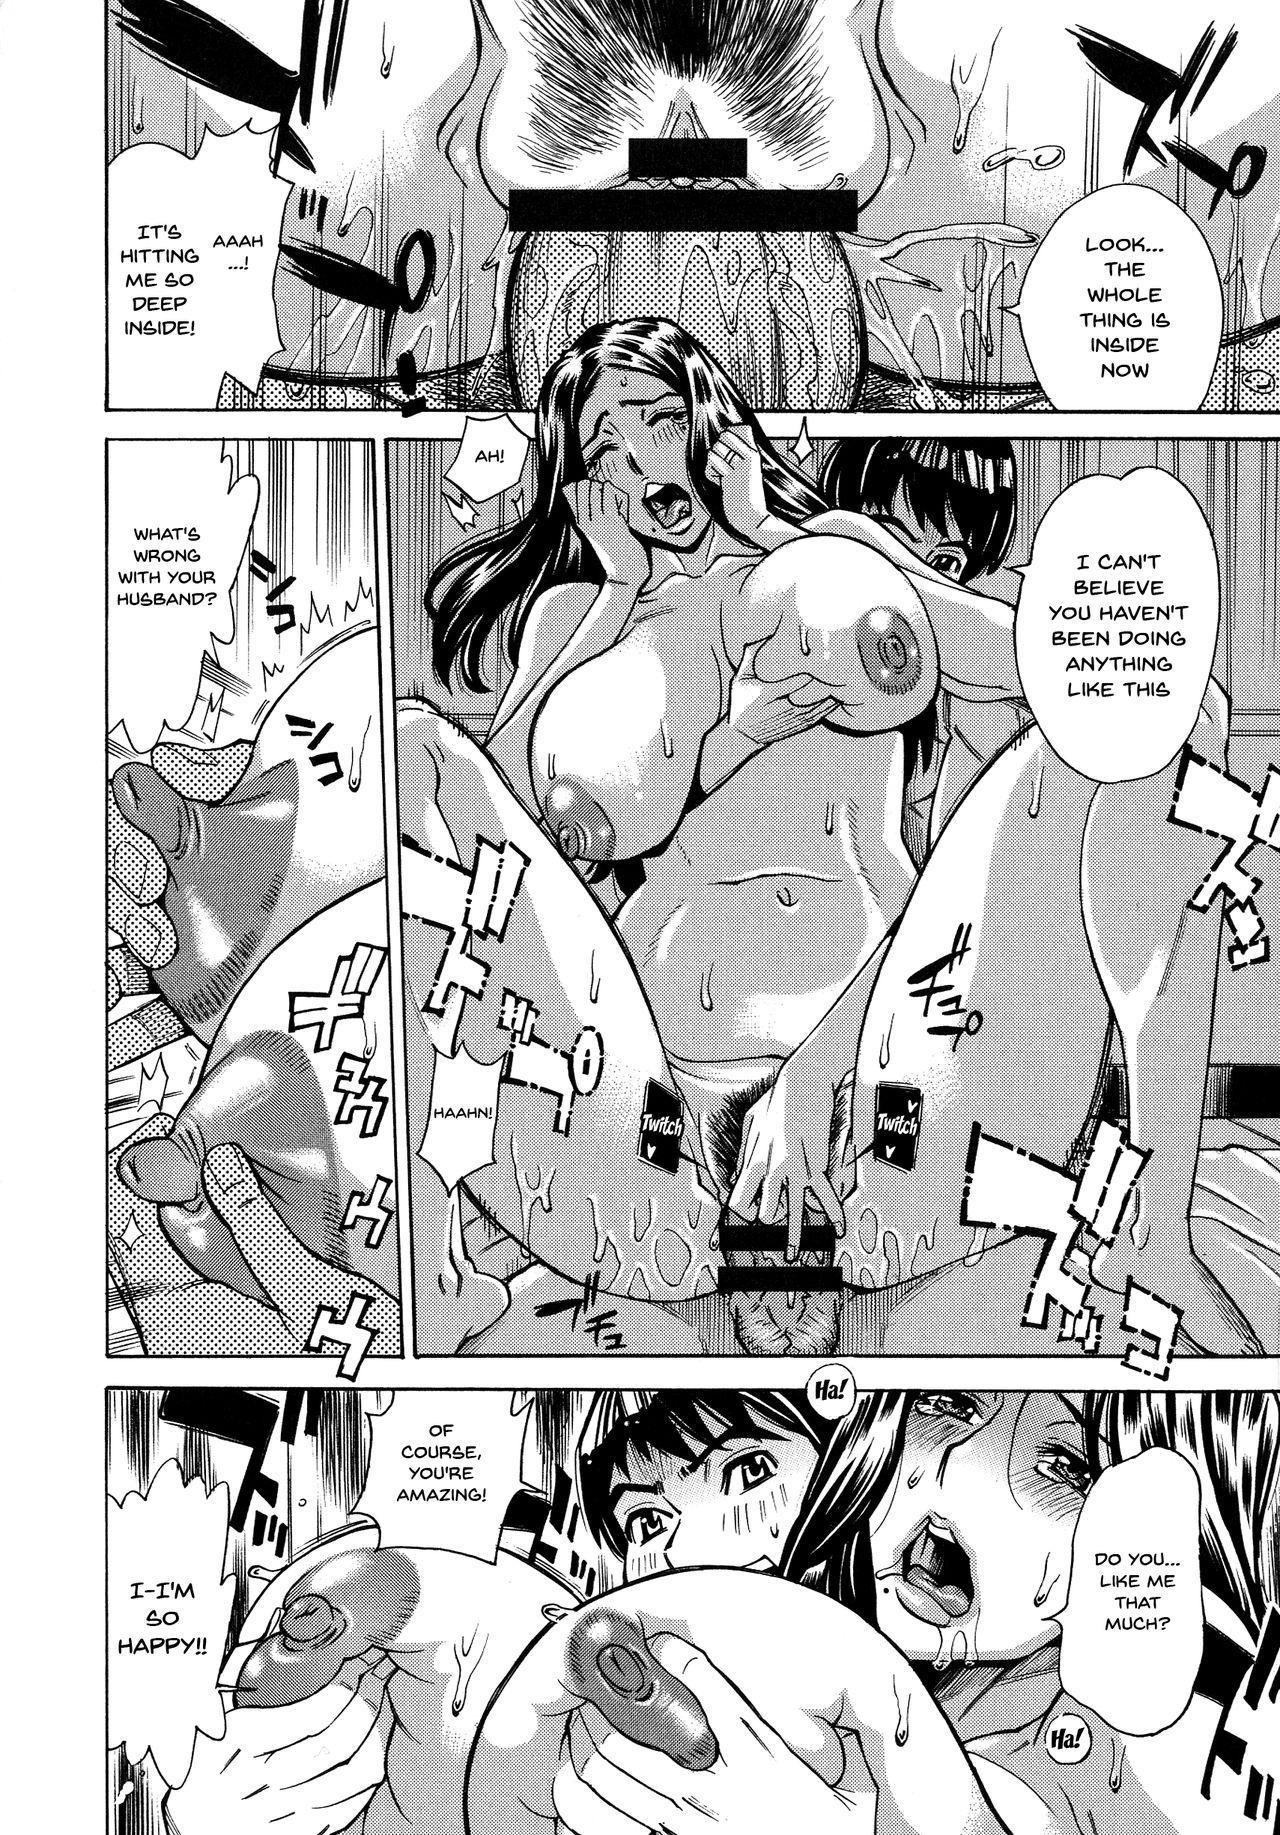 [Makibe Kataru] Hitozuma Koi Hanabi ~Hajimete no Furin ga 3P ni Itaru made~ Ch.1-9 [English] {Doujins.com} 18